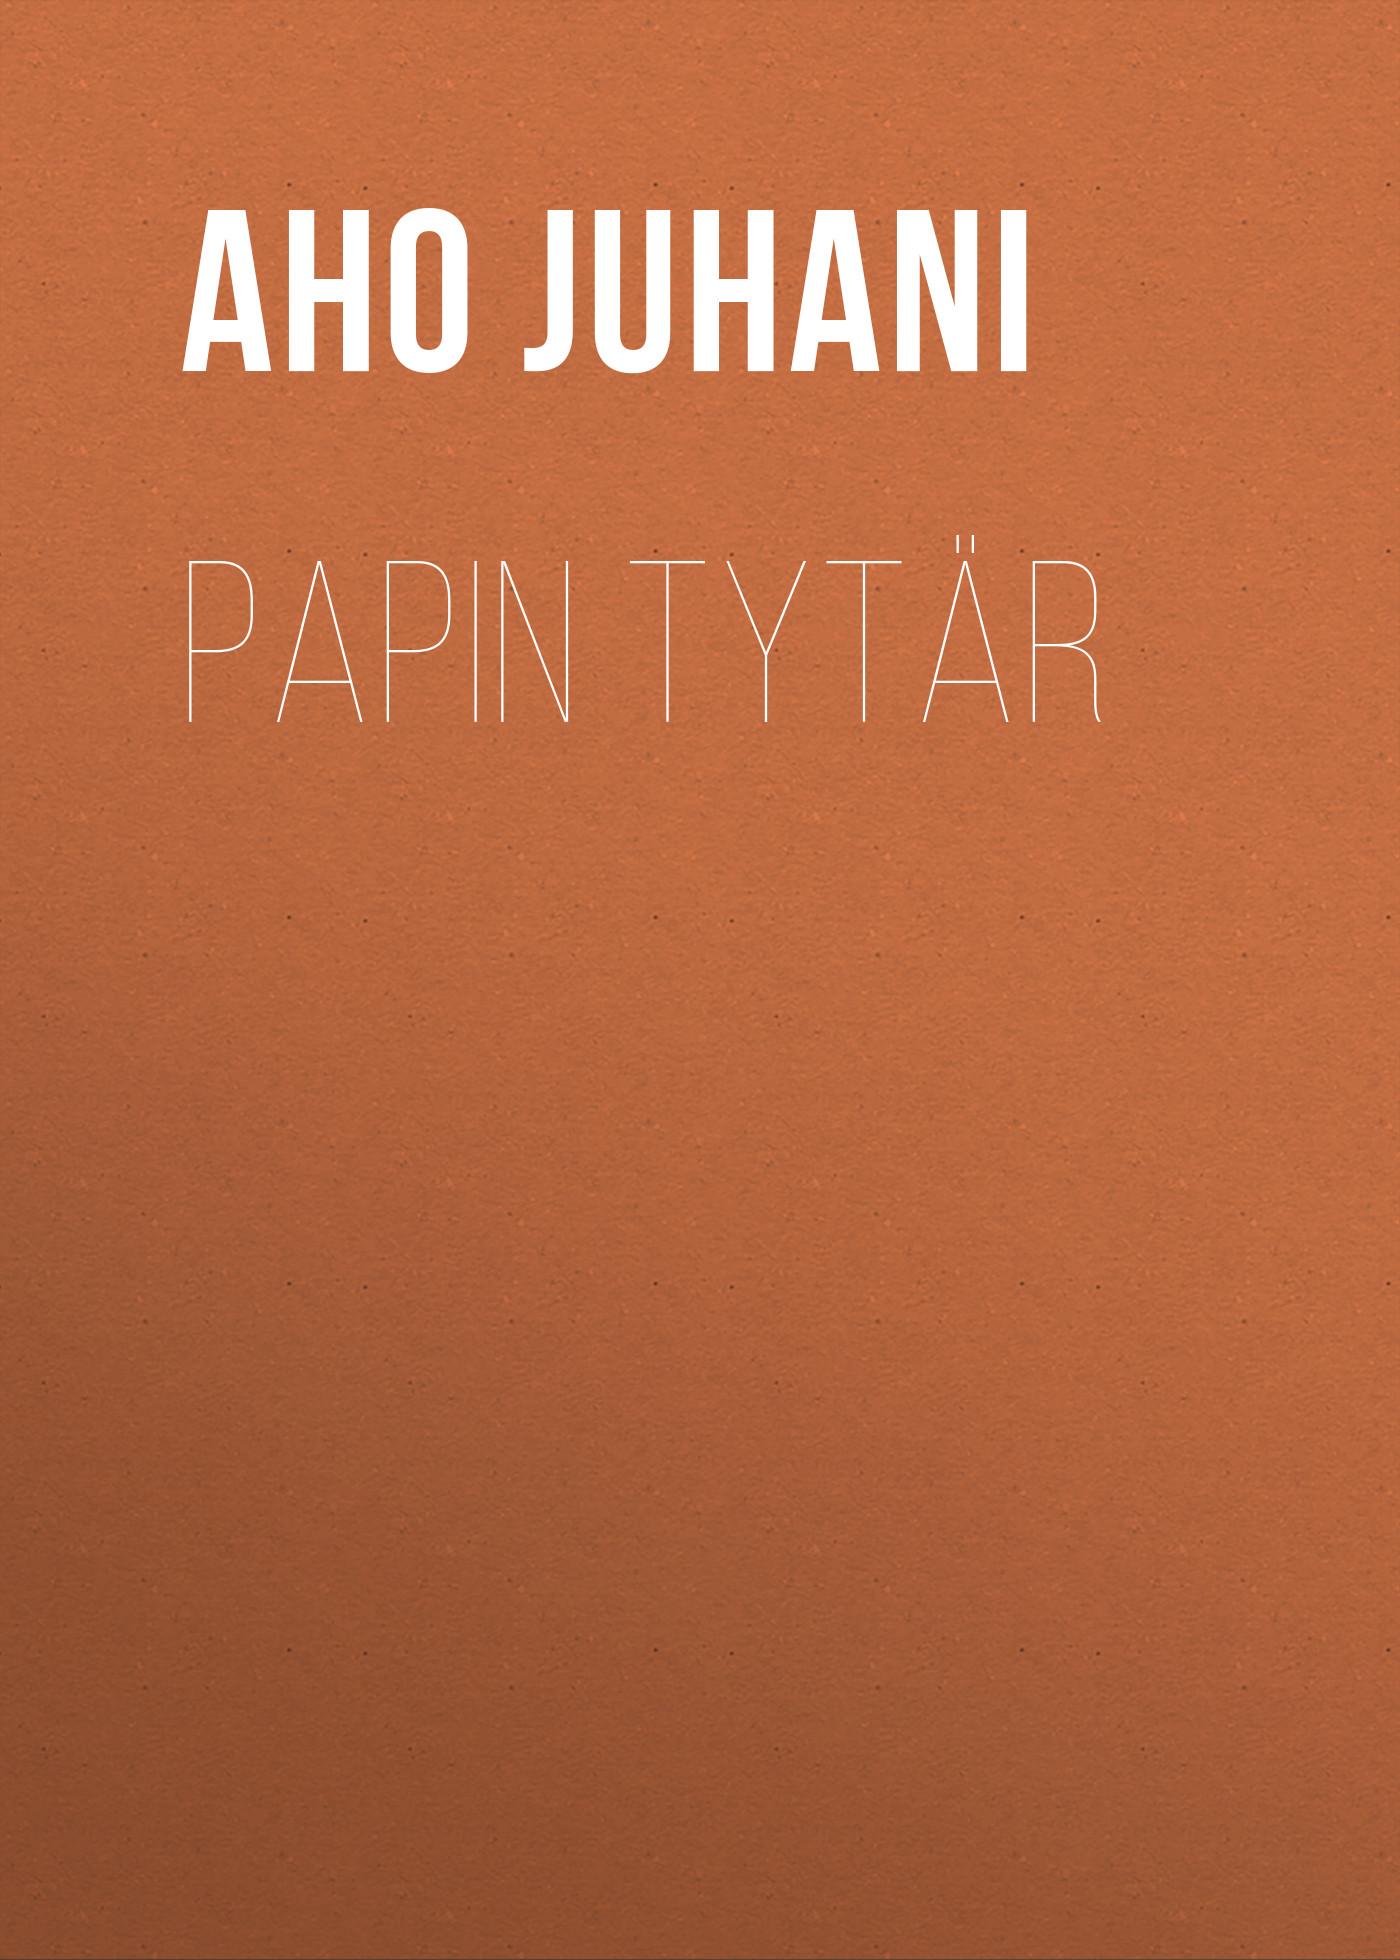 Aho Juhani Papin tytär цена и фото